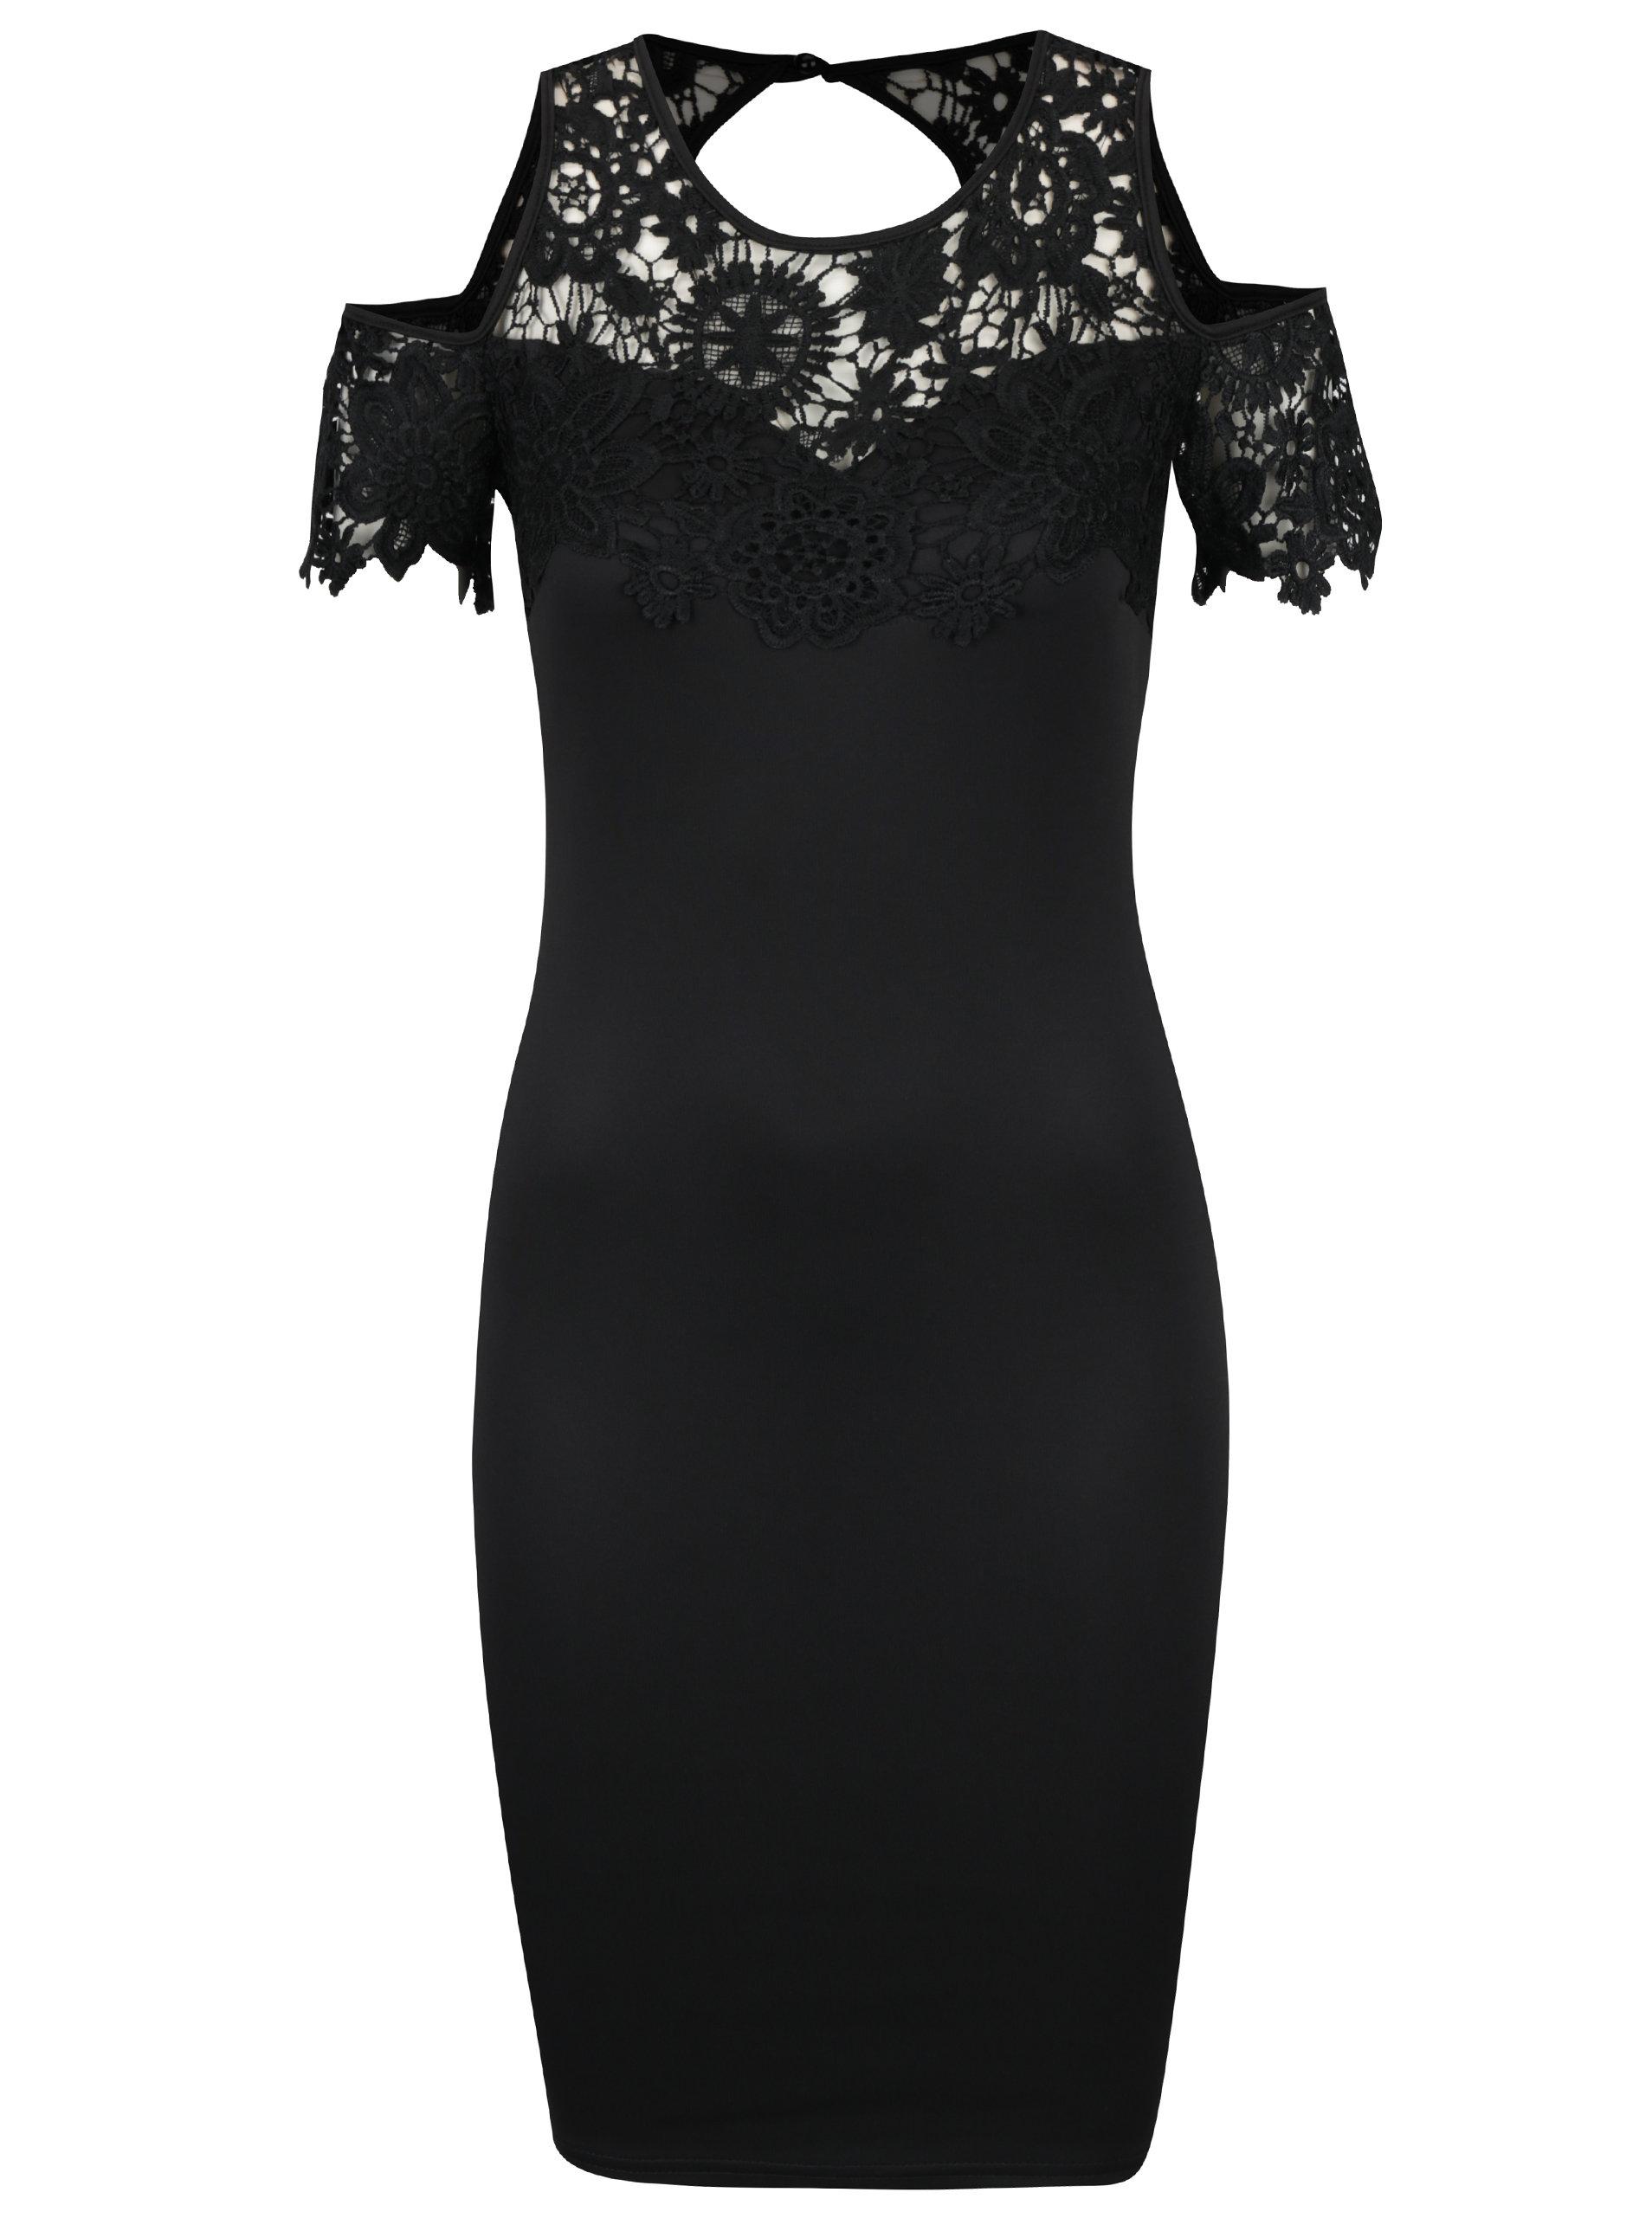 Čierne puzdrové šaty s prestrihmi na ramenách AX Paris ... dc4f613c612